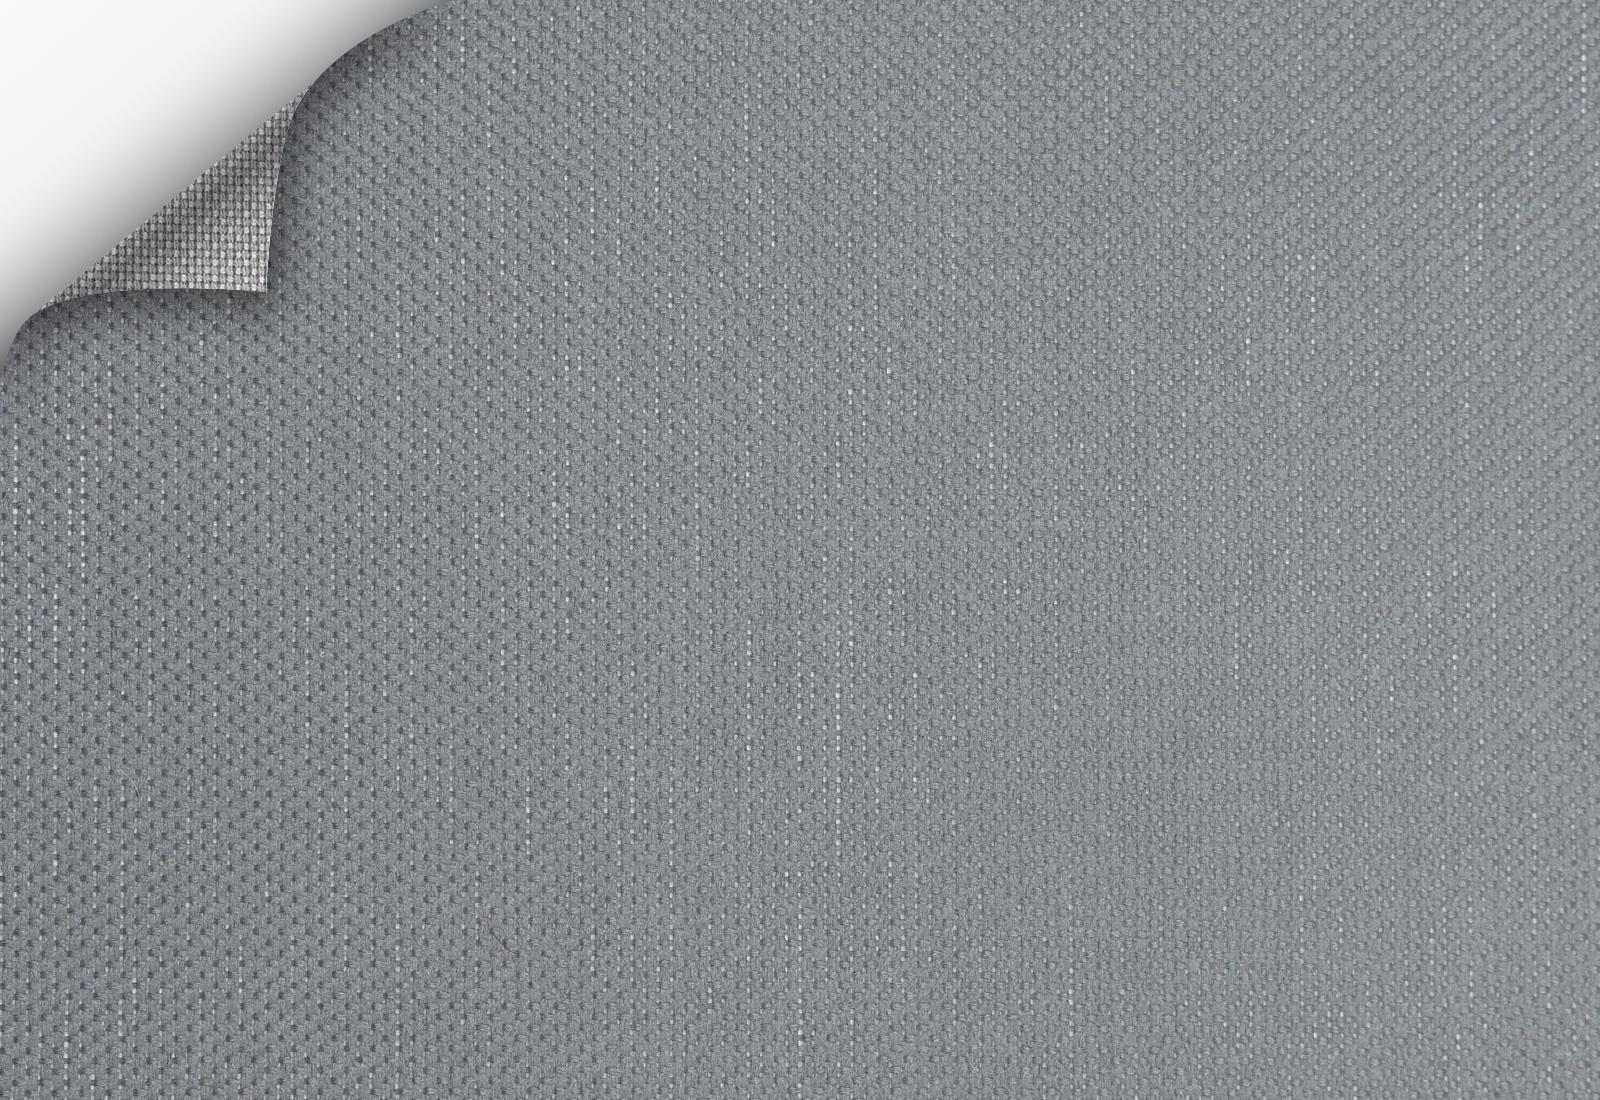 MnProjecten-Revolution-Metal-Marble-1600x1100px-Curl